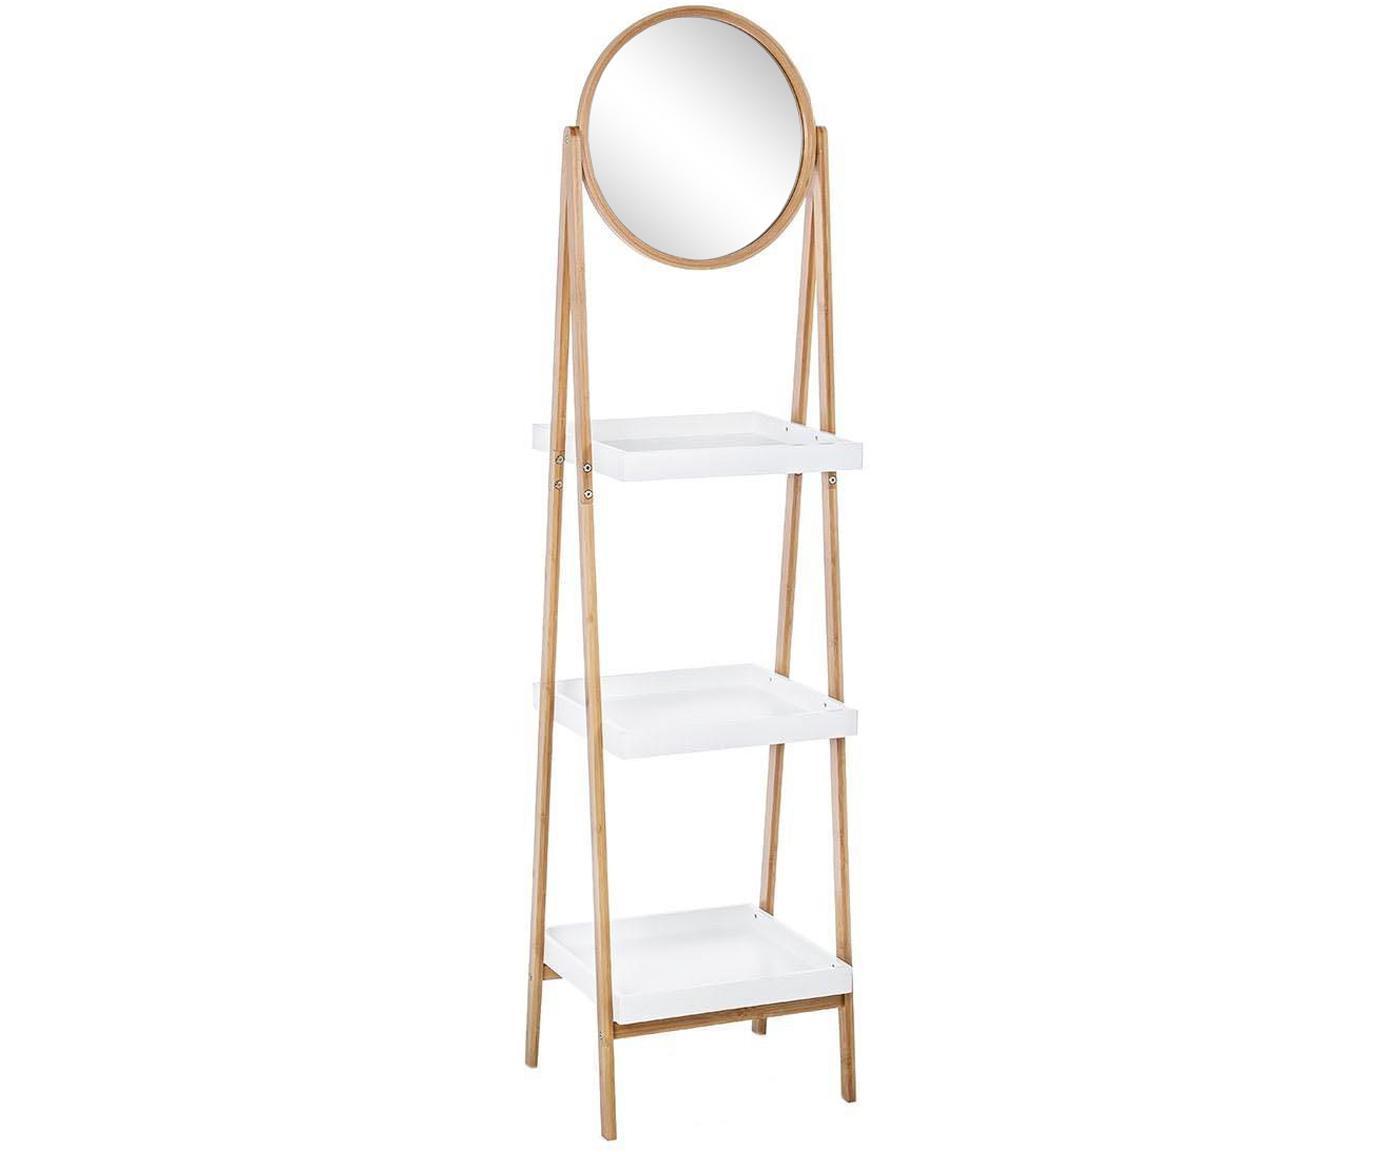 Estantería escalera Audrey, con espejo, Estructura: madera de bambú, Estante: tablero de fibras de dens, Beige, blanco, An 40 x Al 163 cm